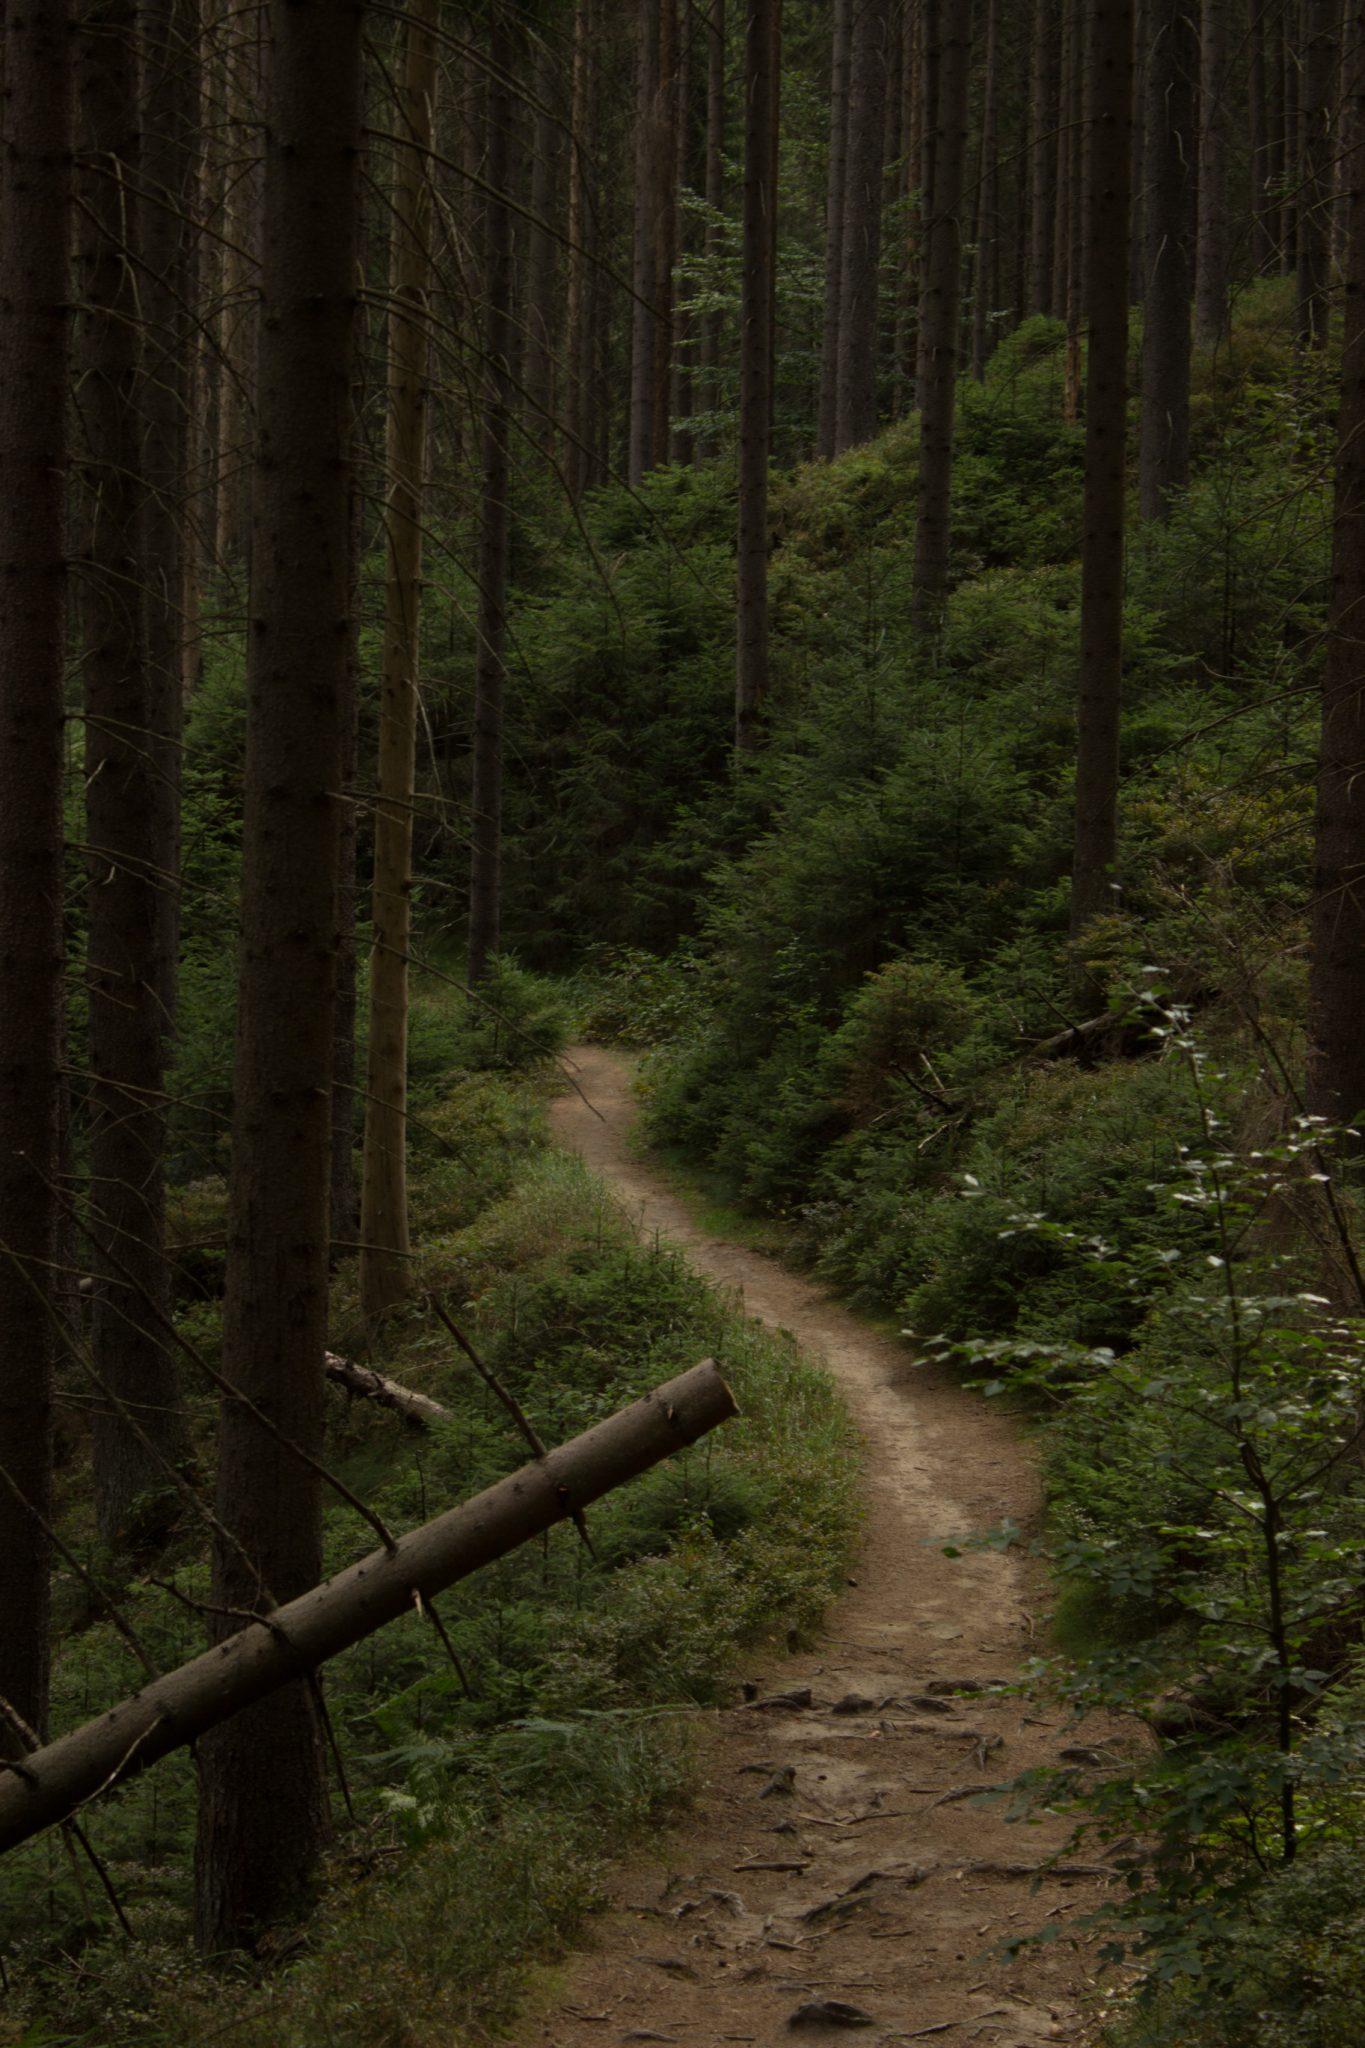 Kirnitzschklamm Hermanseck und Königsplatz im Kirnitzschtal wandern, Wanderweg im Wanderparadies Sächsische Schweiz mit vielen tollen Aussichten, riesiger Felsennationalpark, schmaler Pfad im Wald